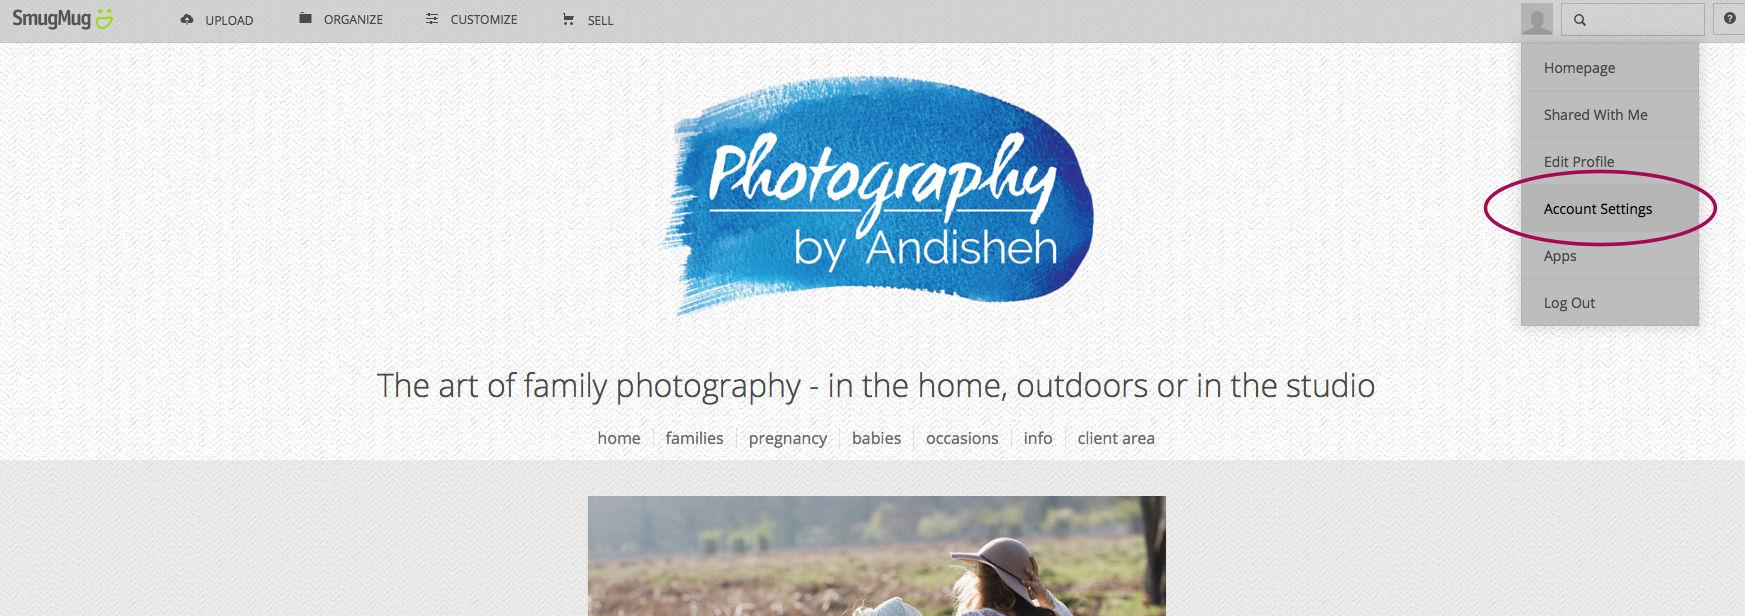 Use your own domain on a SmugMug photography website | Gillyfleur